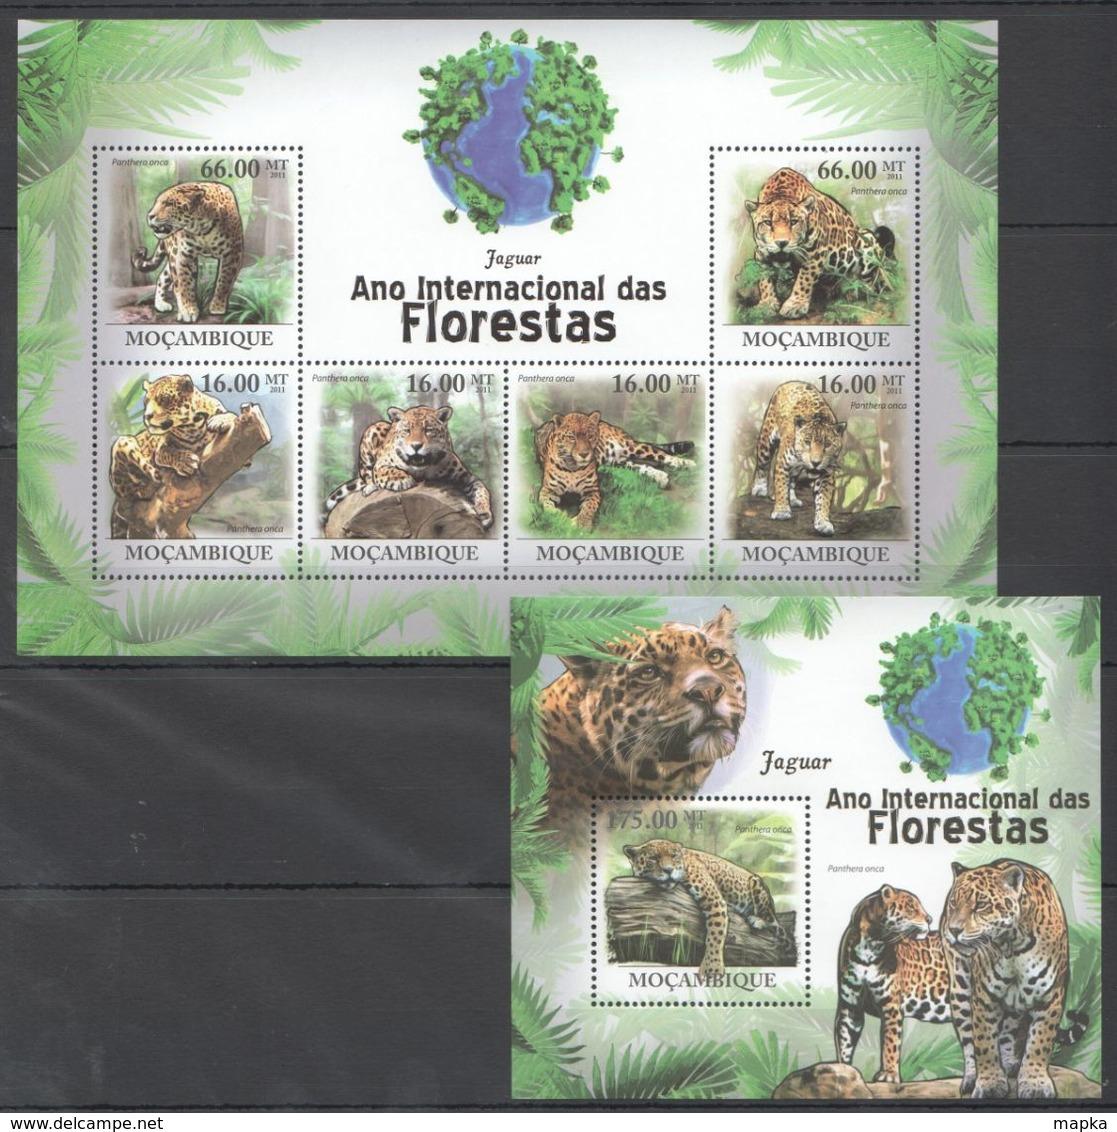 QQ125 2011 MOZAMBIQUE MOCAMBIQUE FAUNA DAS FLORESTAS ANIMALS JAGUAR 1SH+1BL MNH - Felini